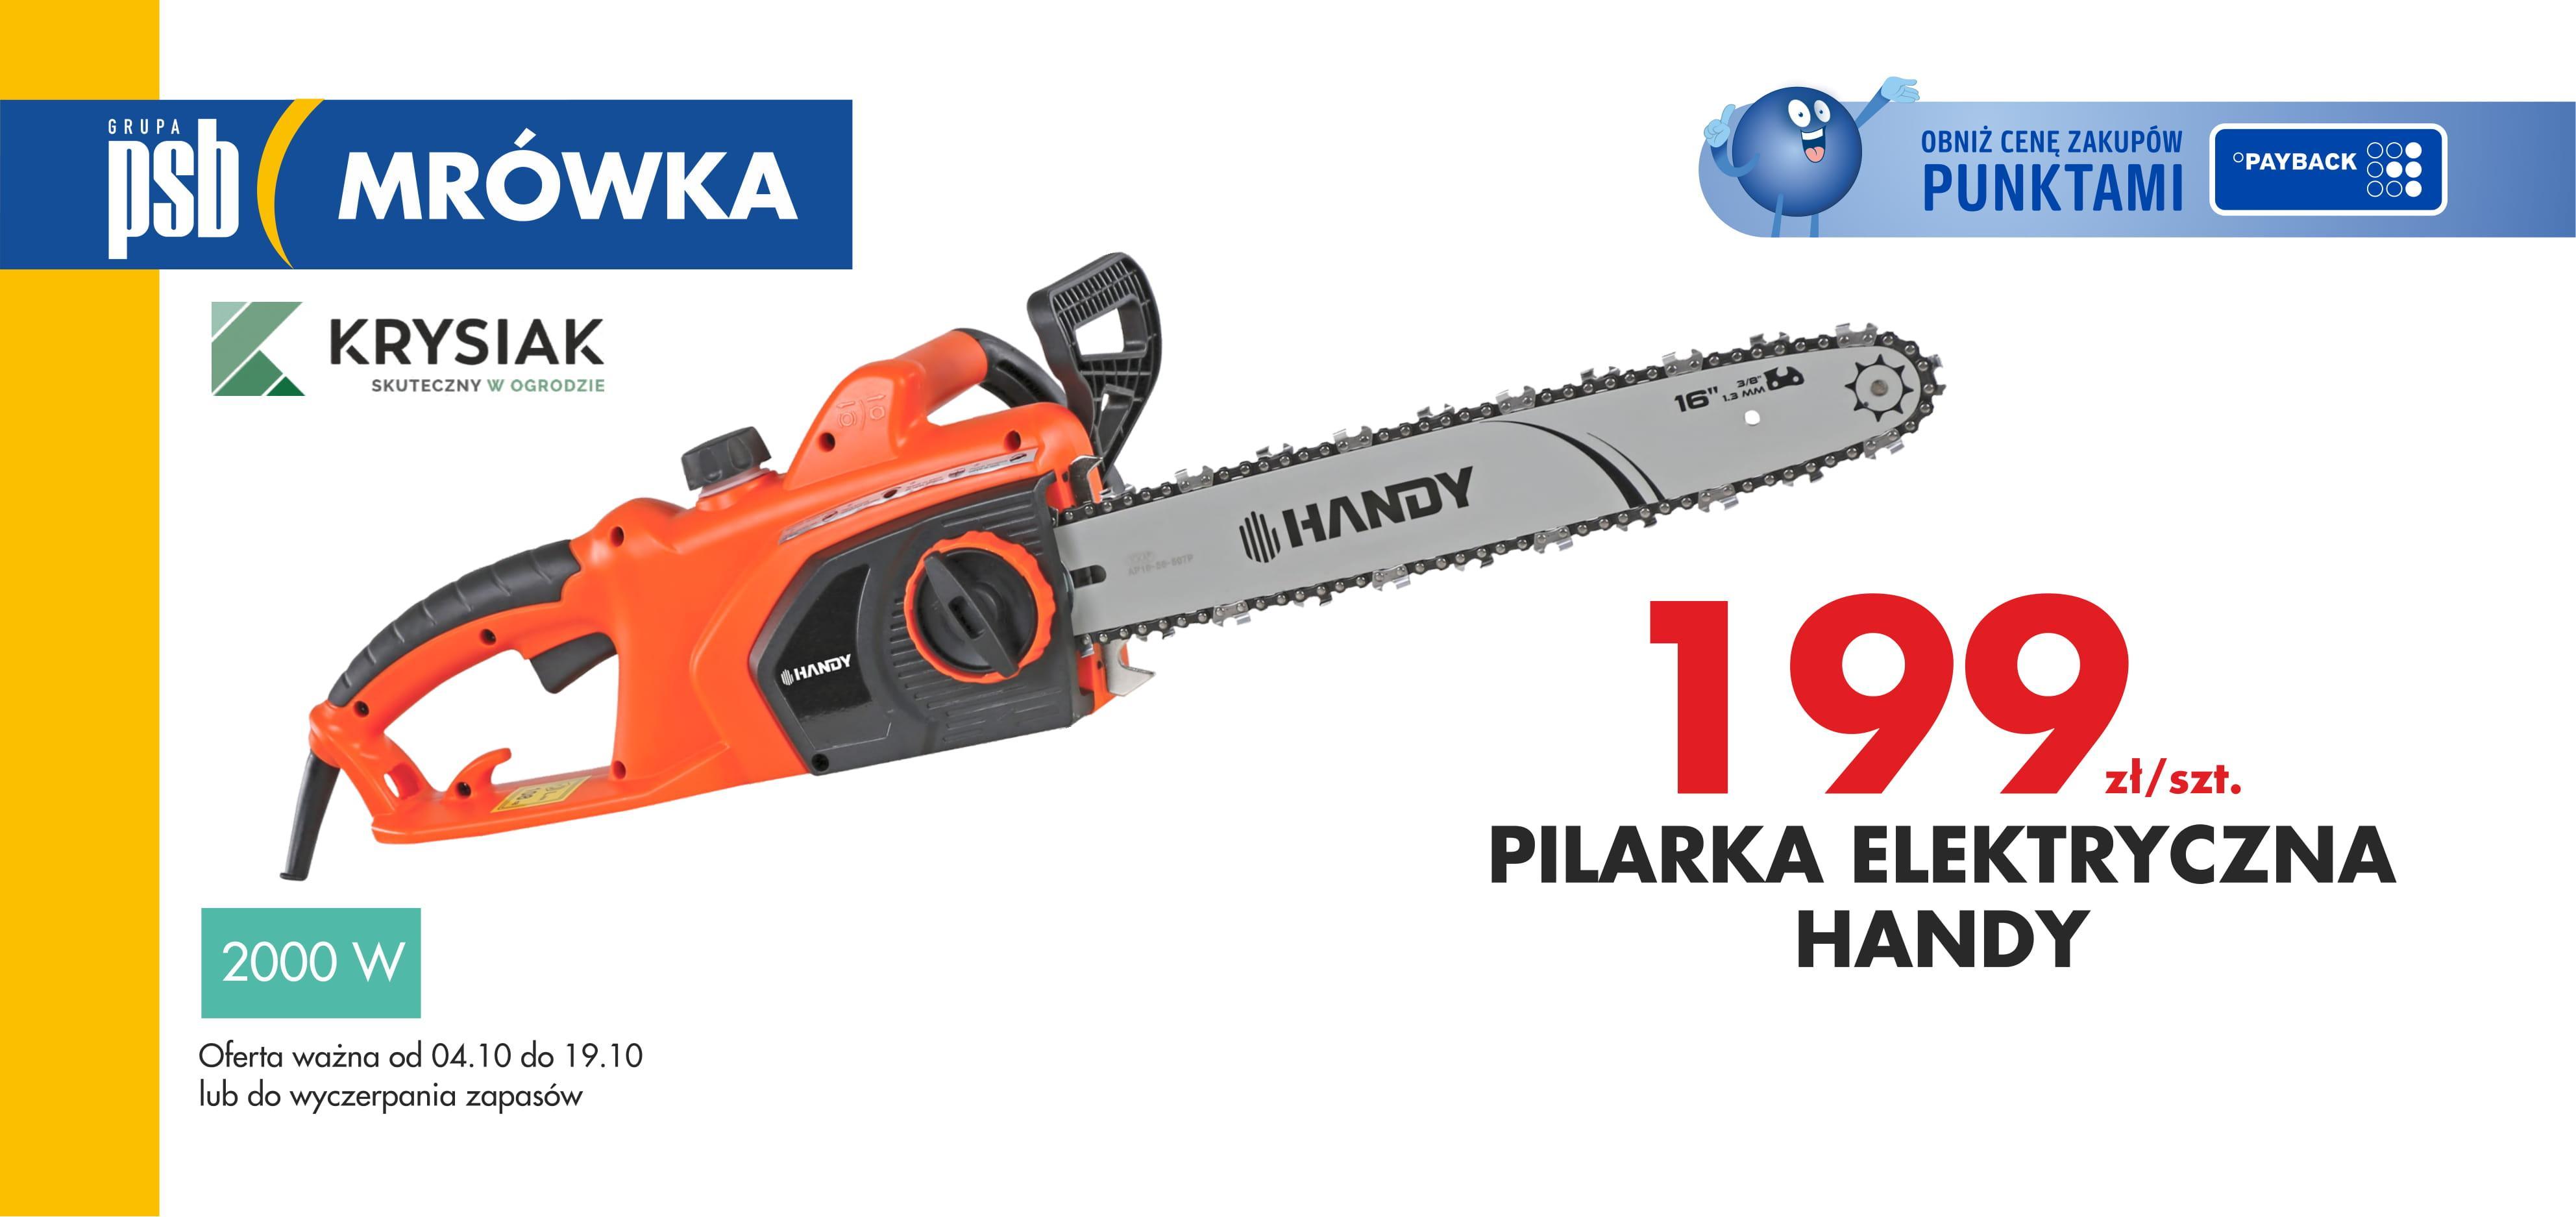 Pilarka-elektryczna-504x238-1